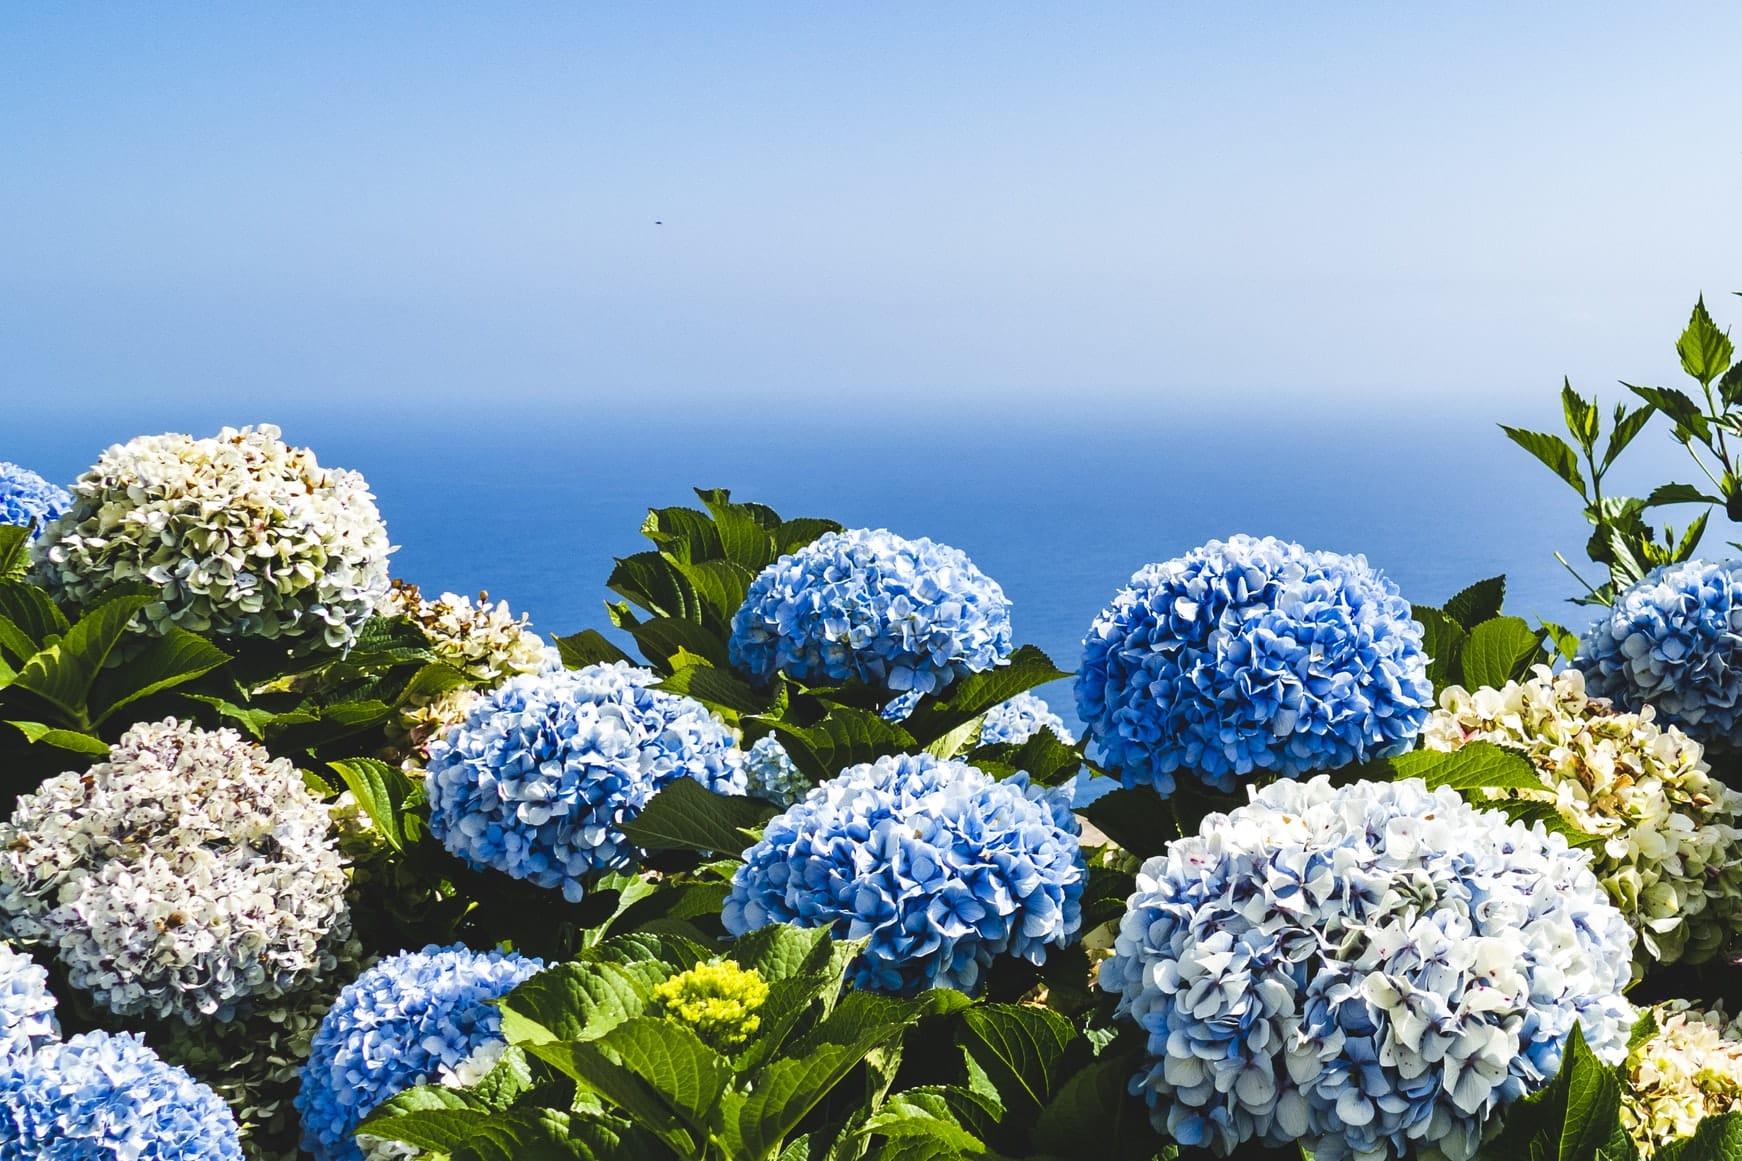 à quel moment doit-on couper les fleurs fanées des hortensias